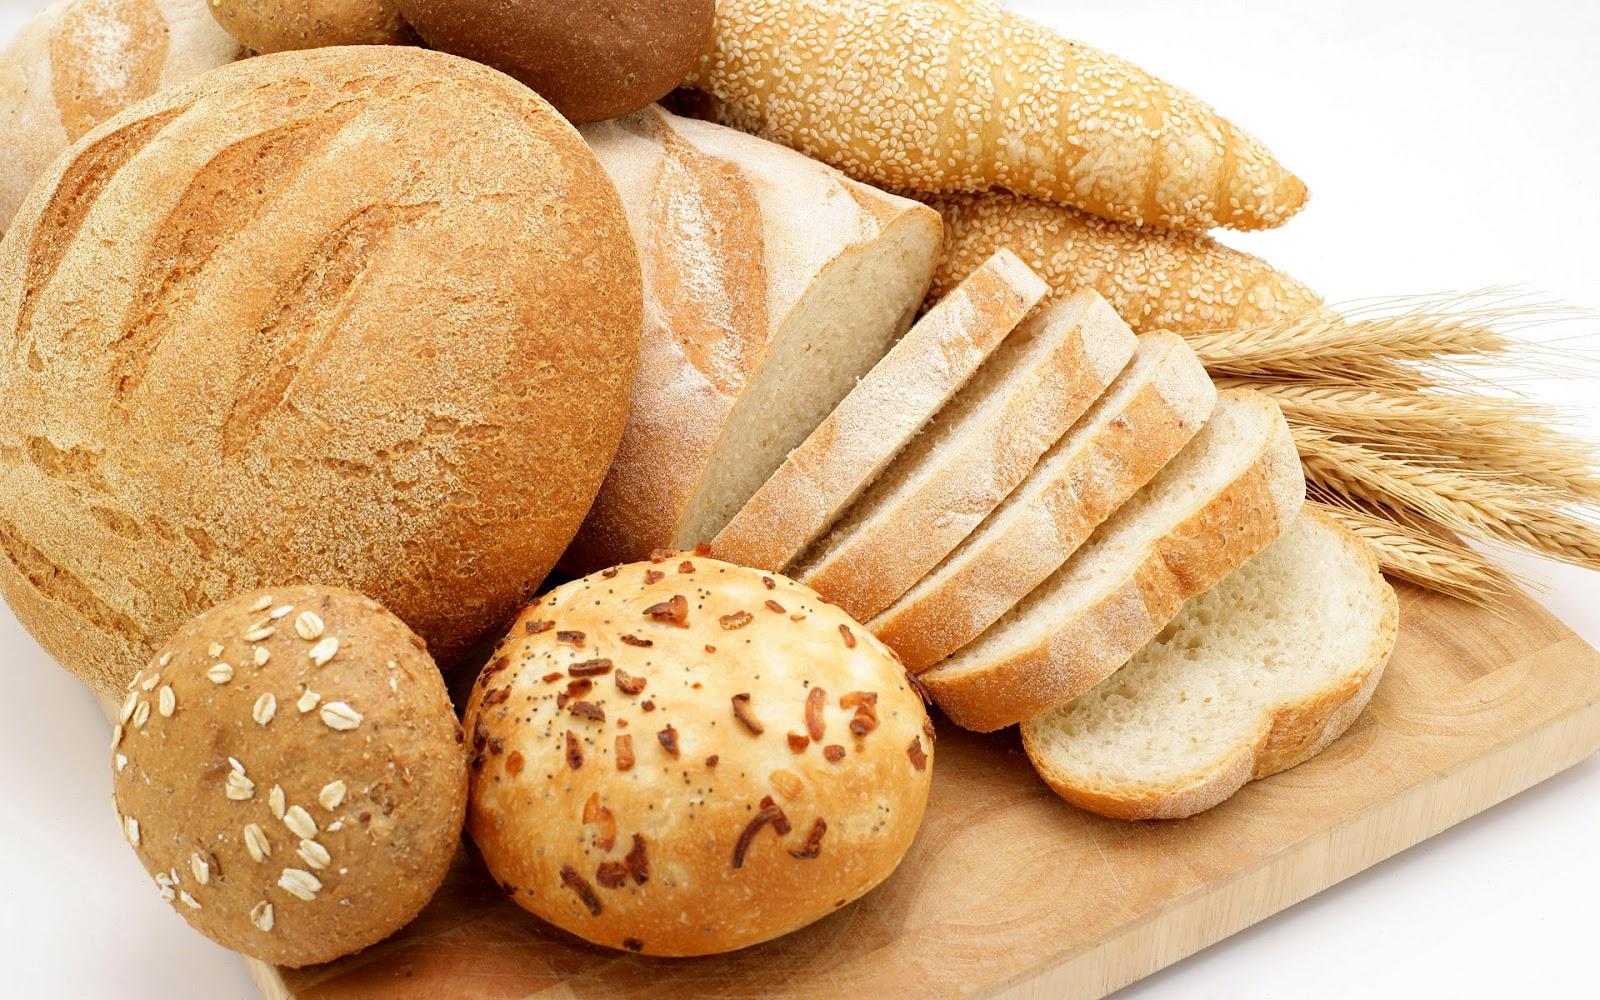 hd-brood-achtergrond-met-brood-op-een-plank-hd-brood-wallpaper-foto-eten